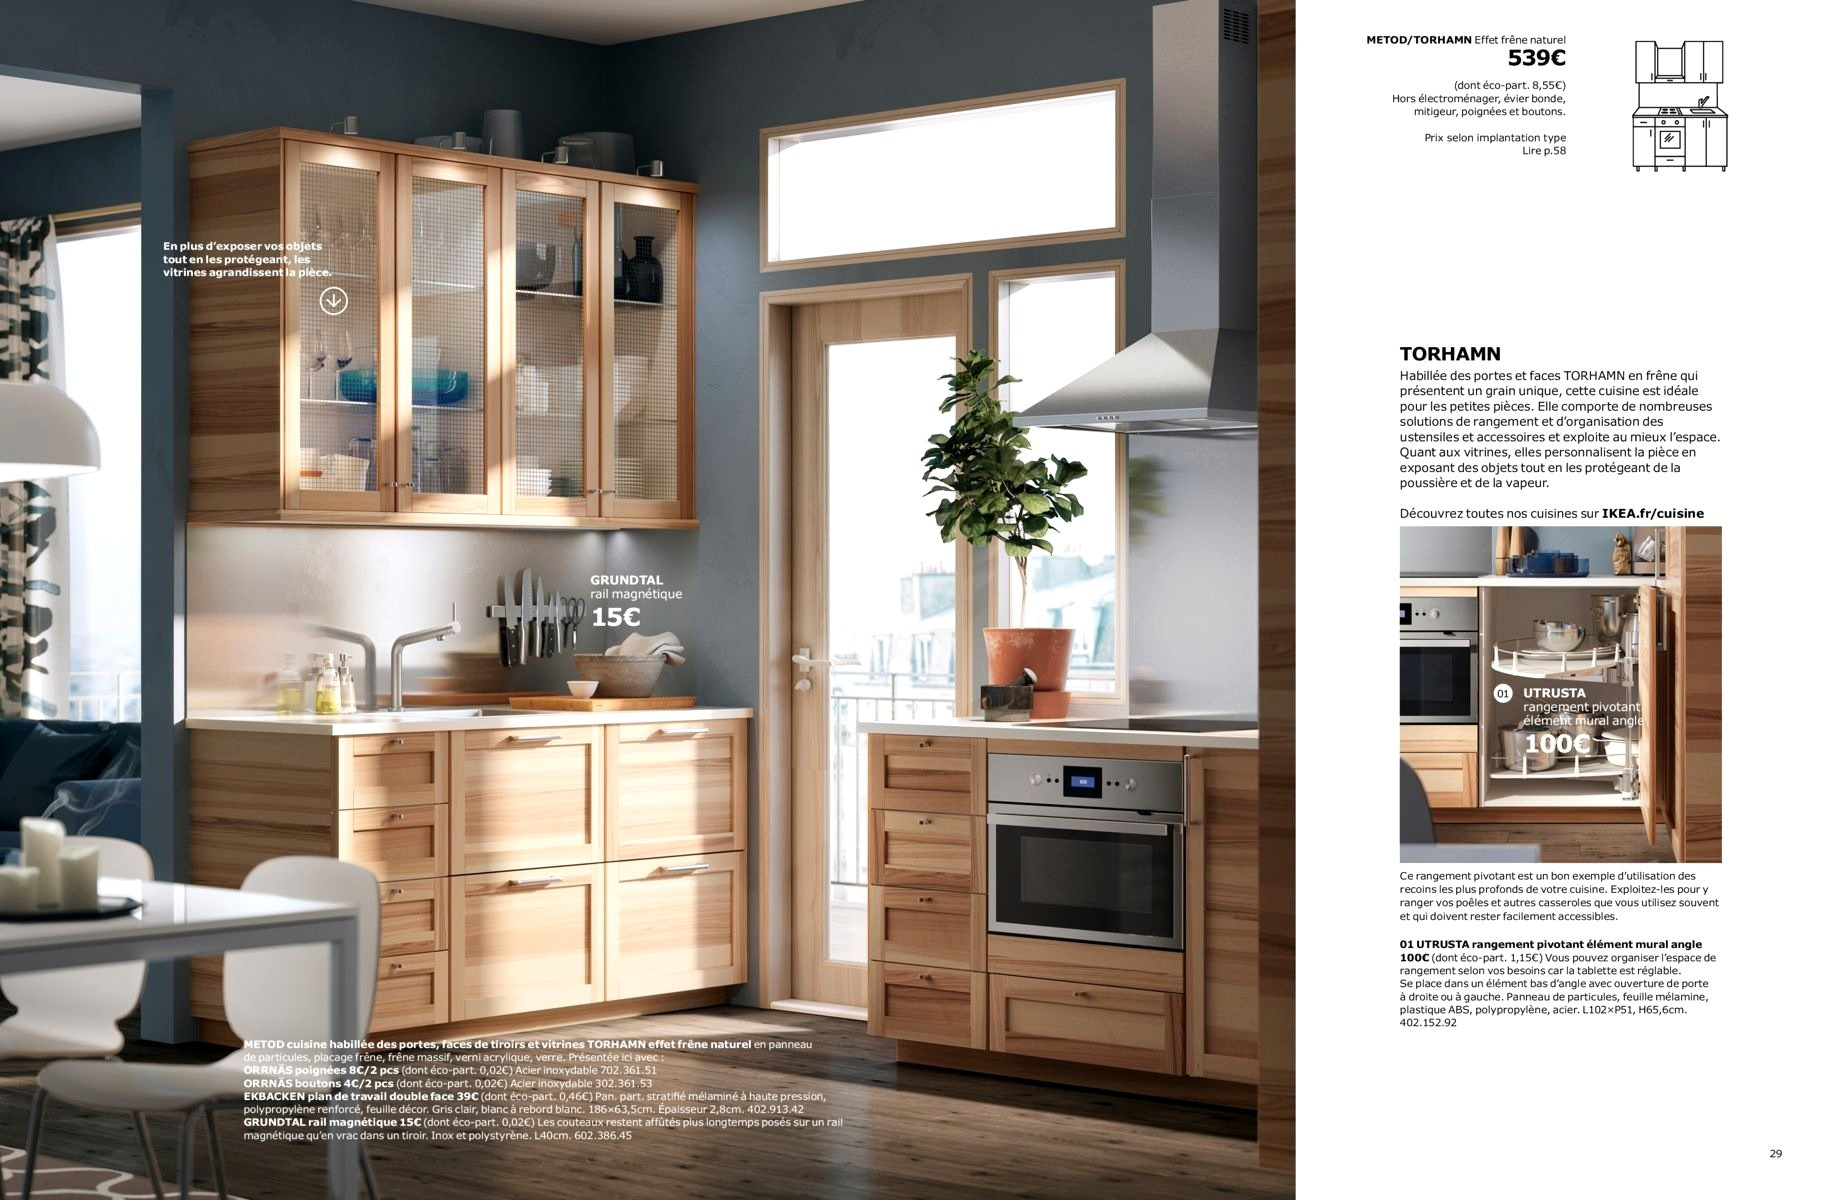 Coffre Jardin Ikea Beau Photographie Beau Meuble Cuisine Exterieur Ikea Vn6 Gemendebat Idées Incroyables